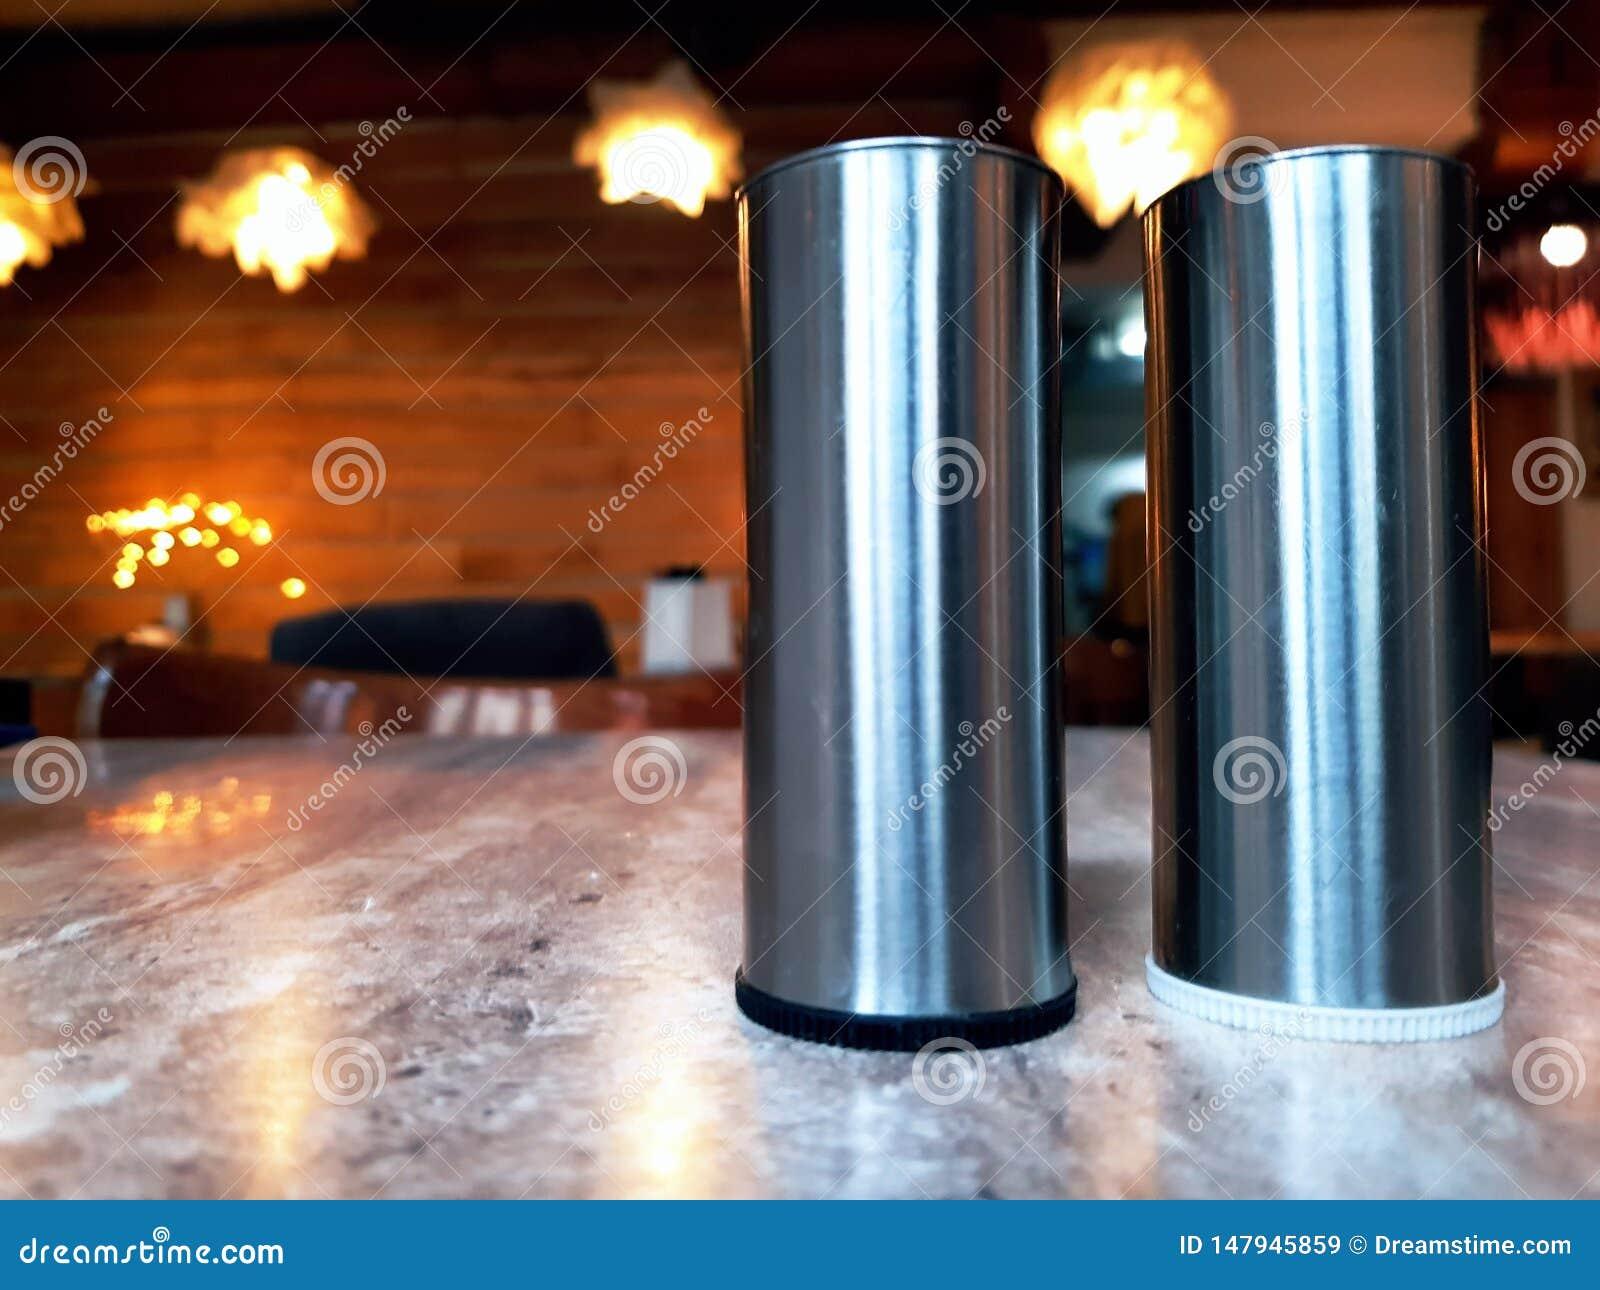 De containers van het kruidmetaal op een witte oppervlakte Kruidkruiken Keukenmateriaal op de lijst, onscherpe achtergrond Keuken